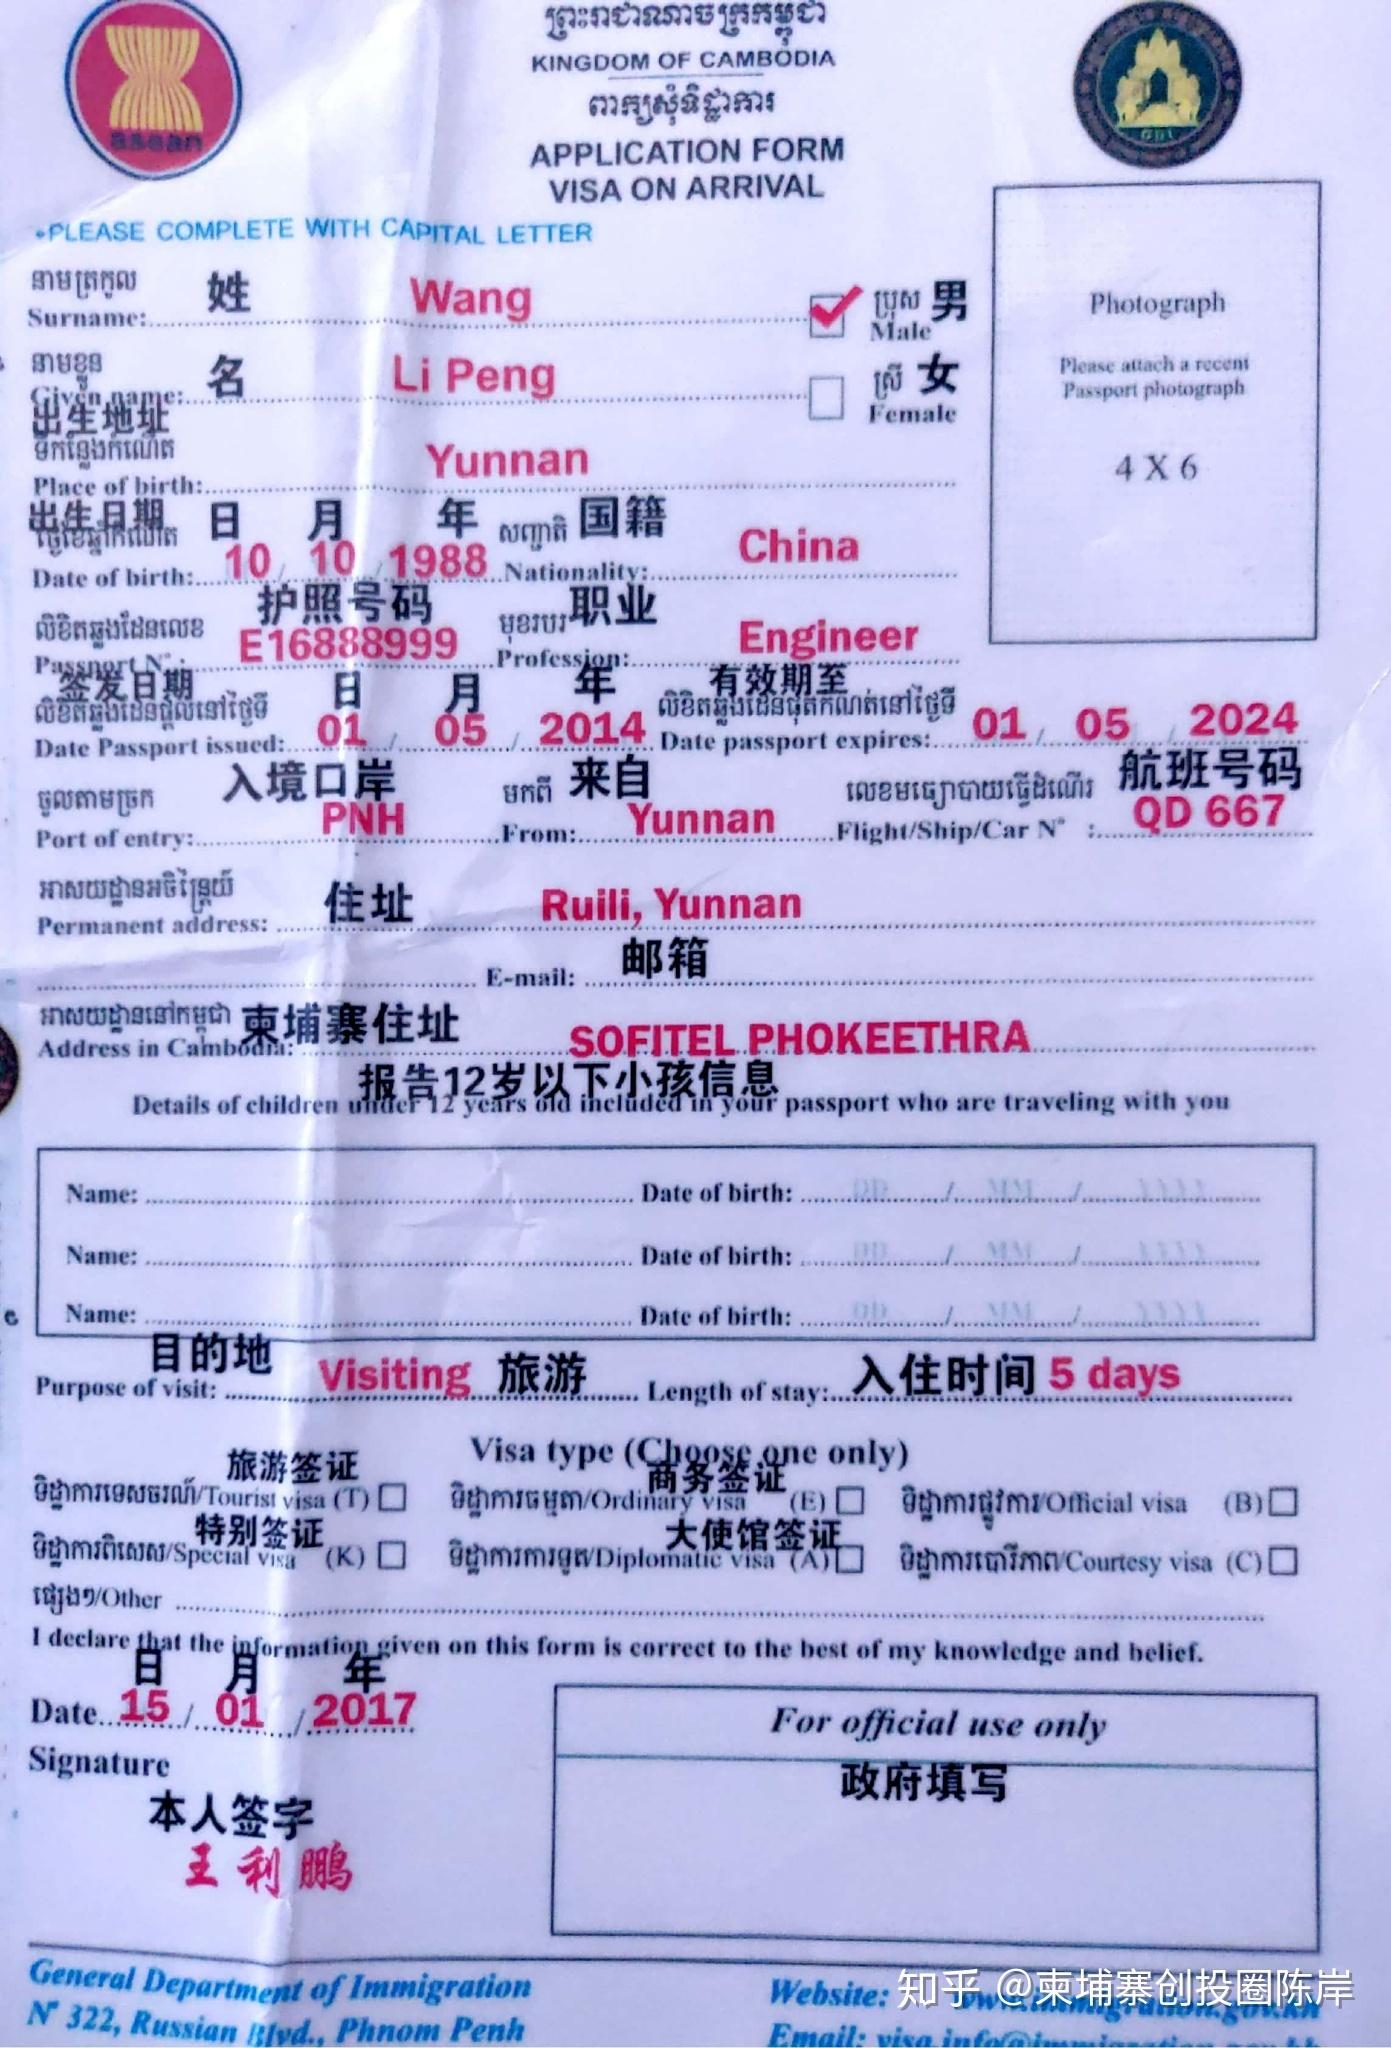 柬埔寨签证怎样签? 第1张图片